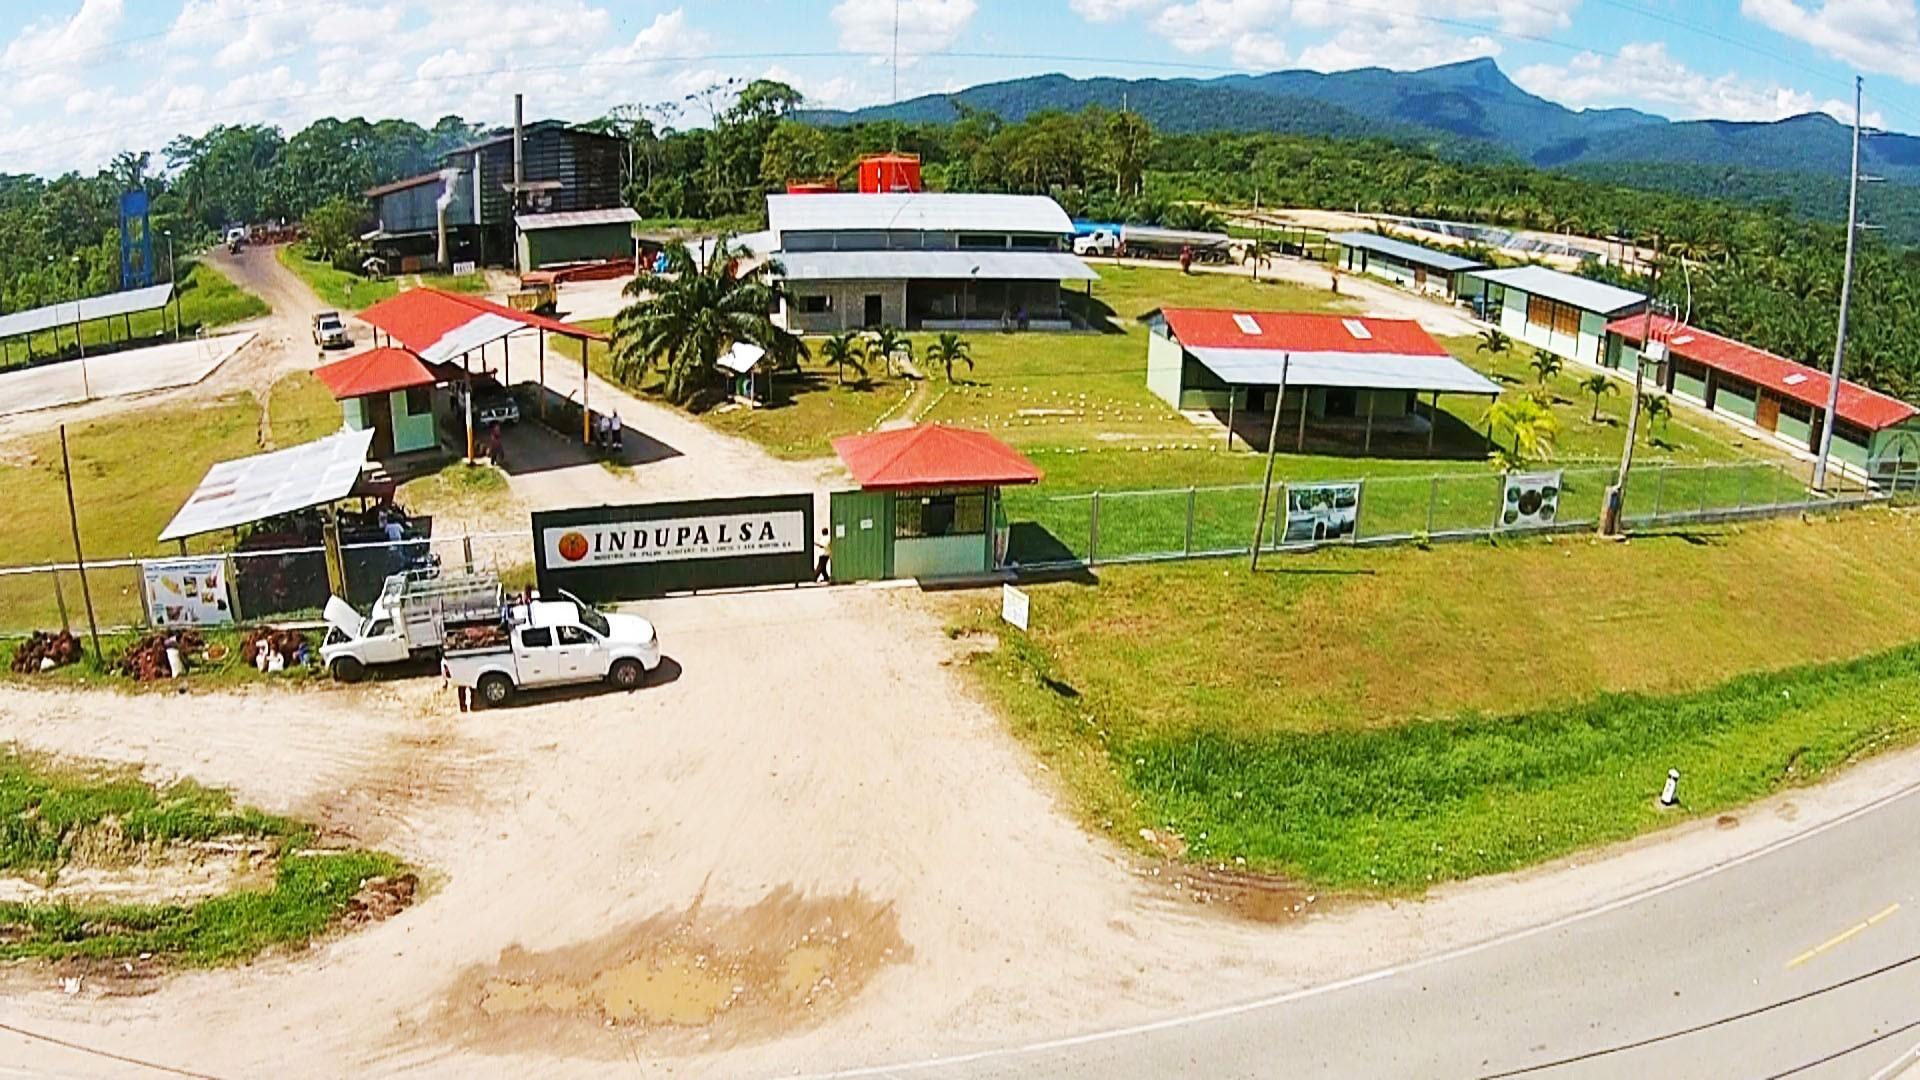 Indupalsa cooperative palm oil plant Peru